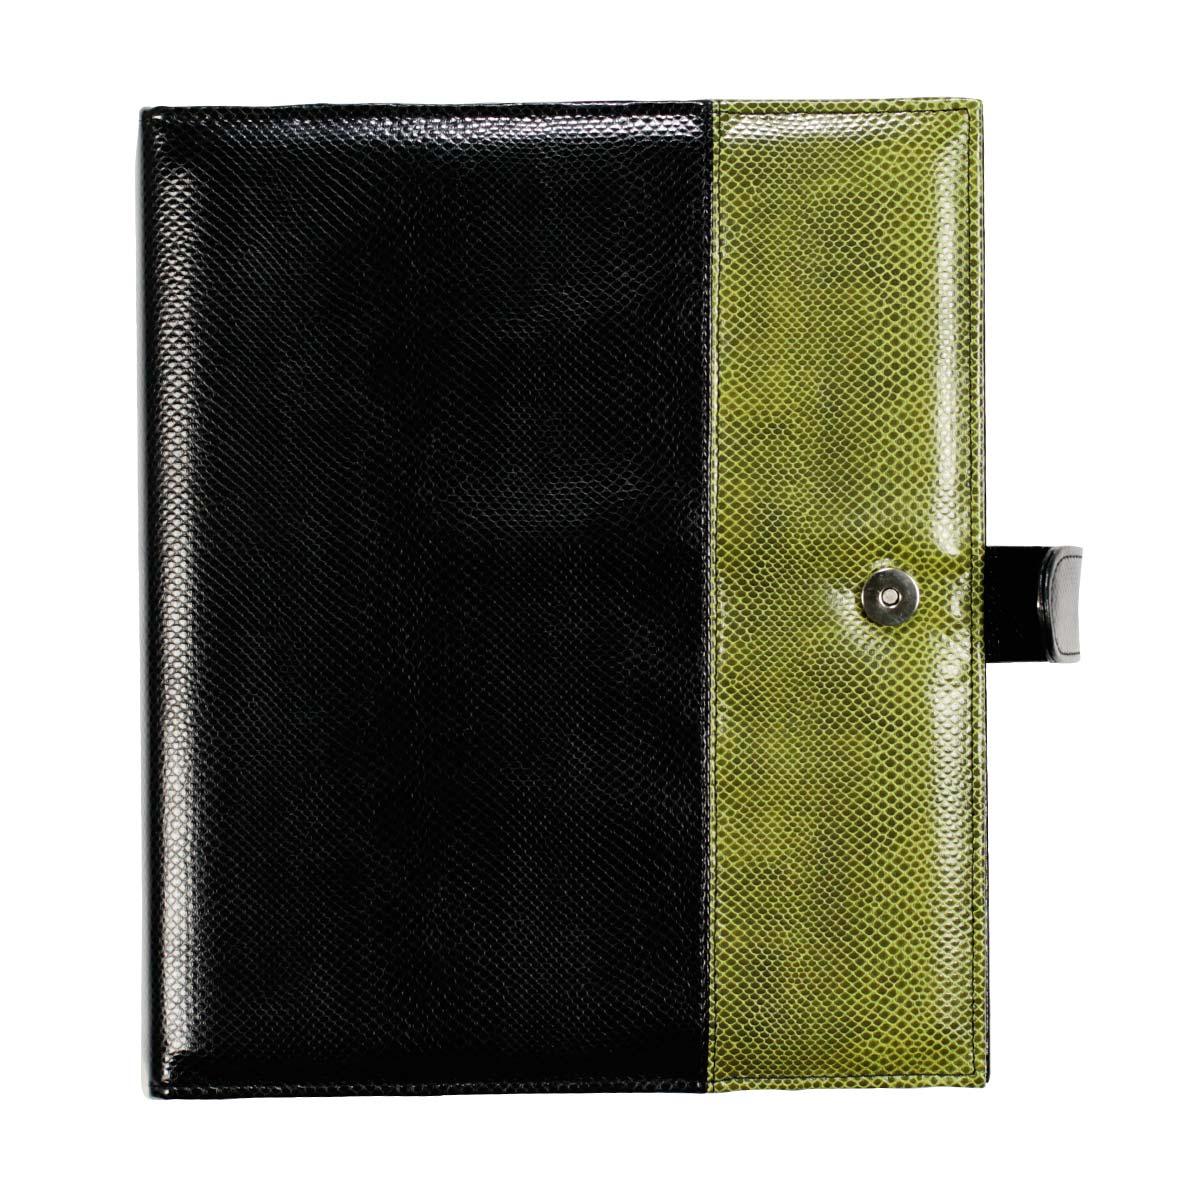 Łączenie skóry węża czarnej z zieloną 1 Łączenia materiałów w różnych kolorach